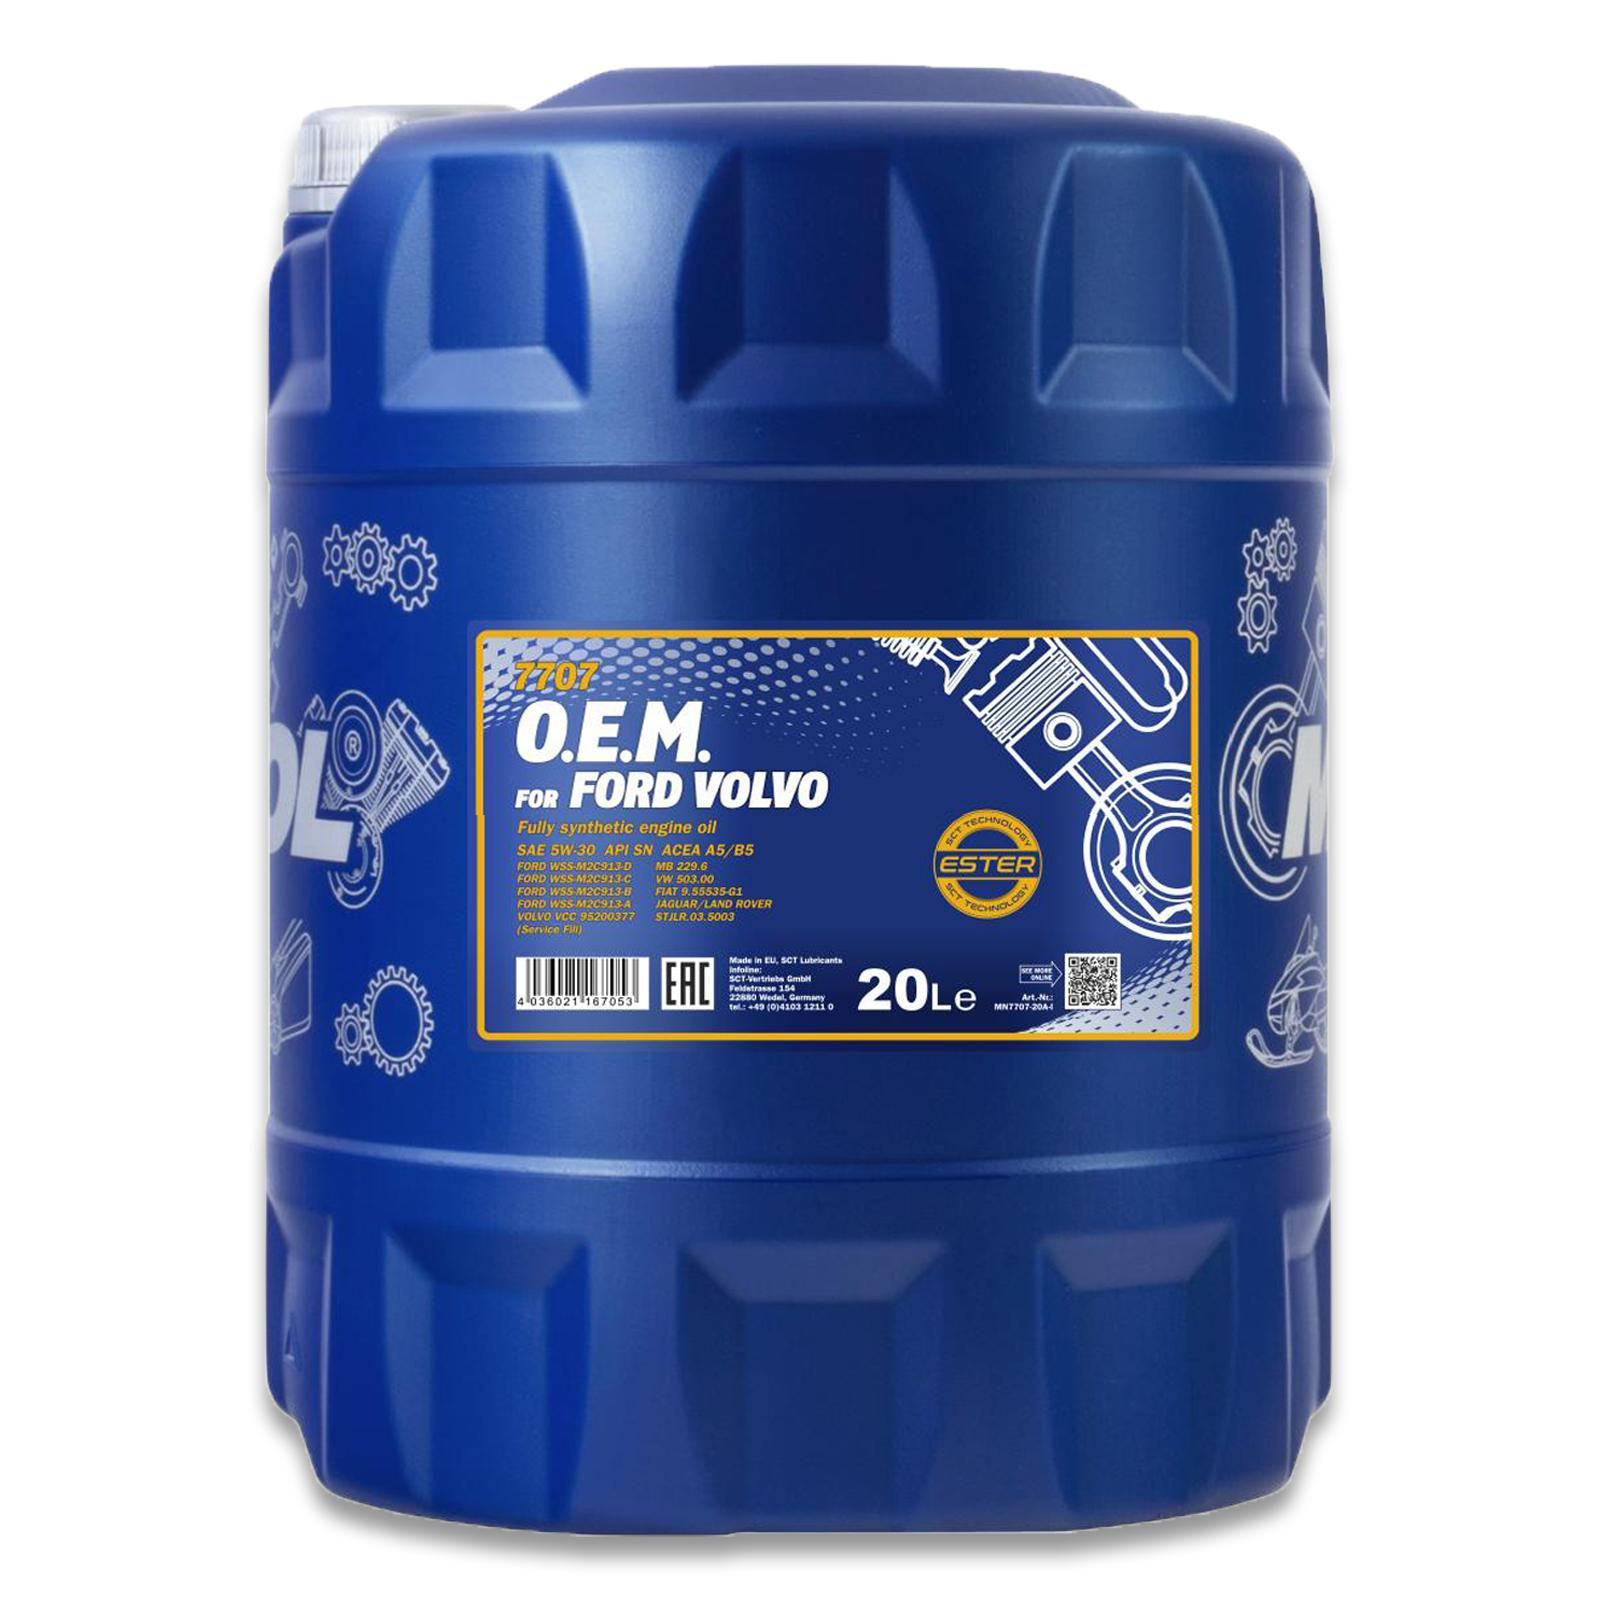 Mannol OEM 7707 Motoröl